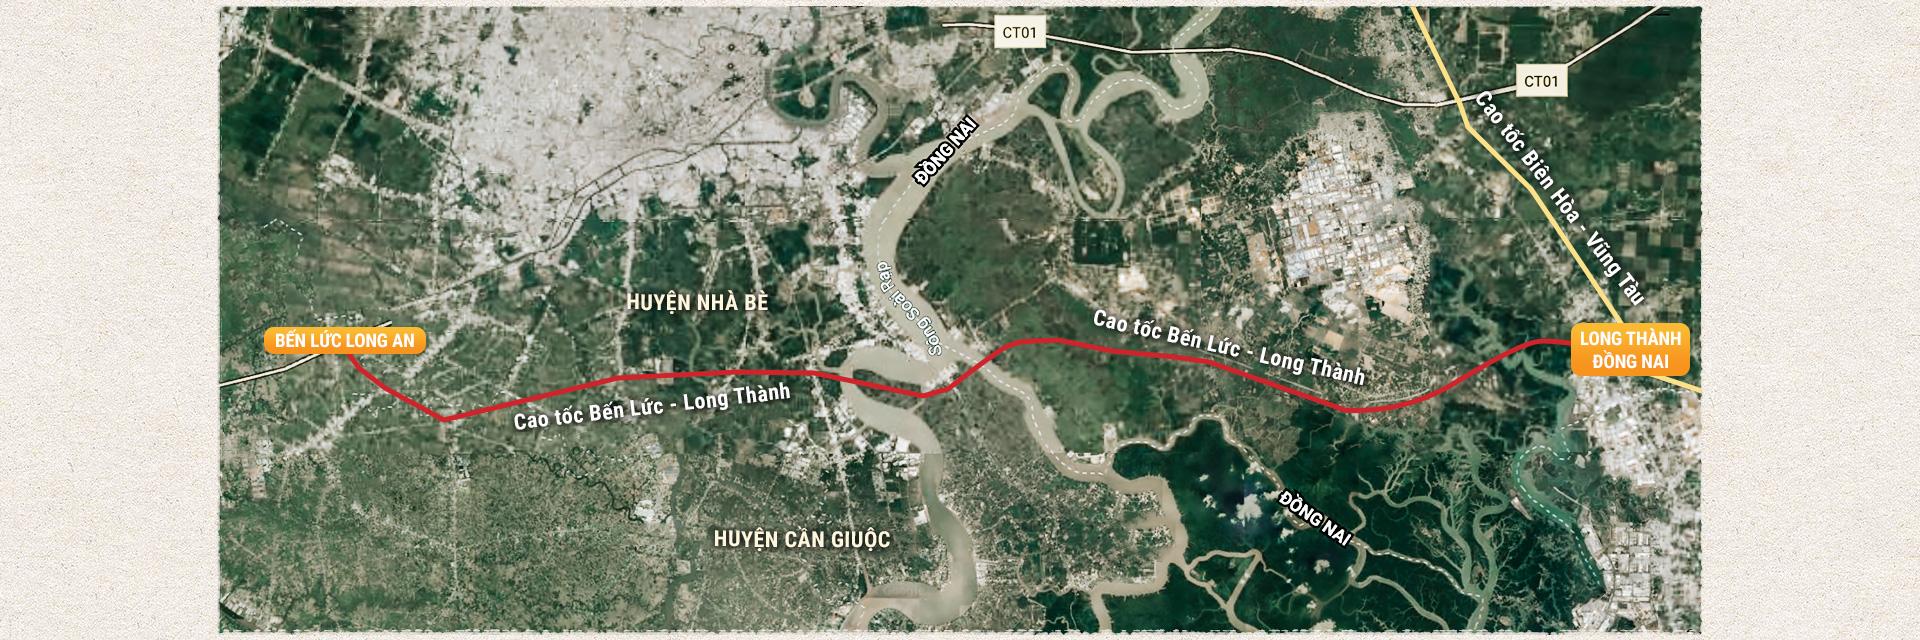 Kỳ 1: Các tuyến cao tốc Bắc - Nam phía Đông - Ảnh 4.